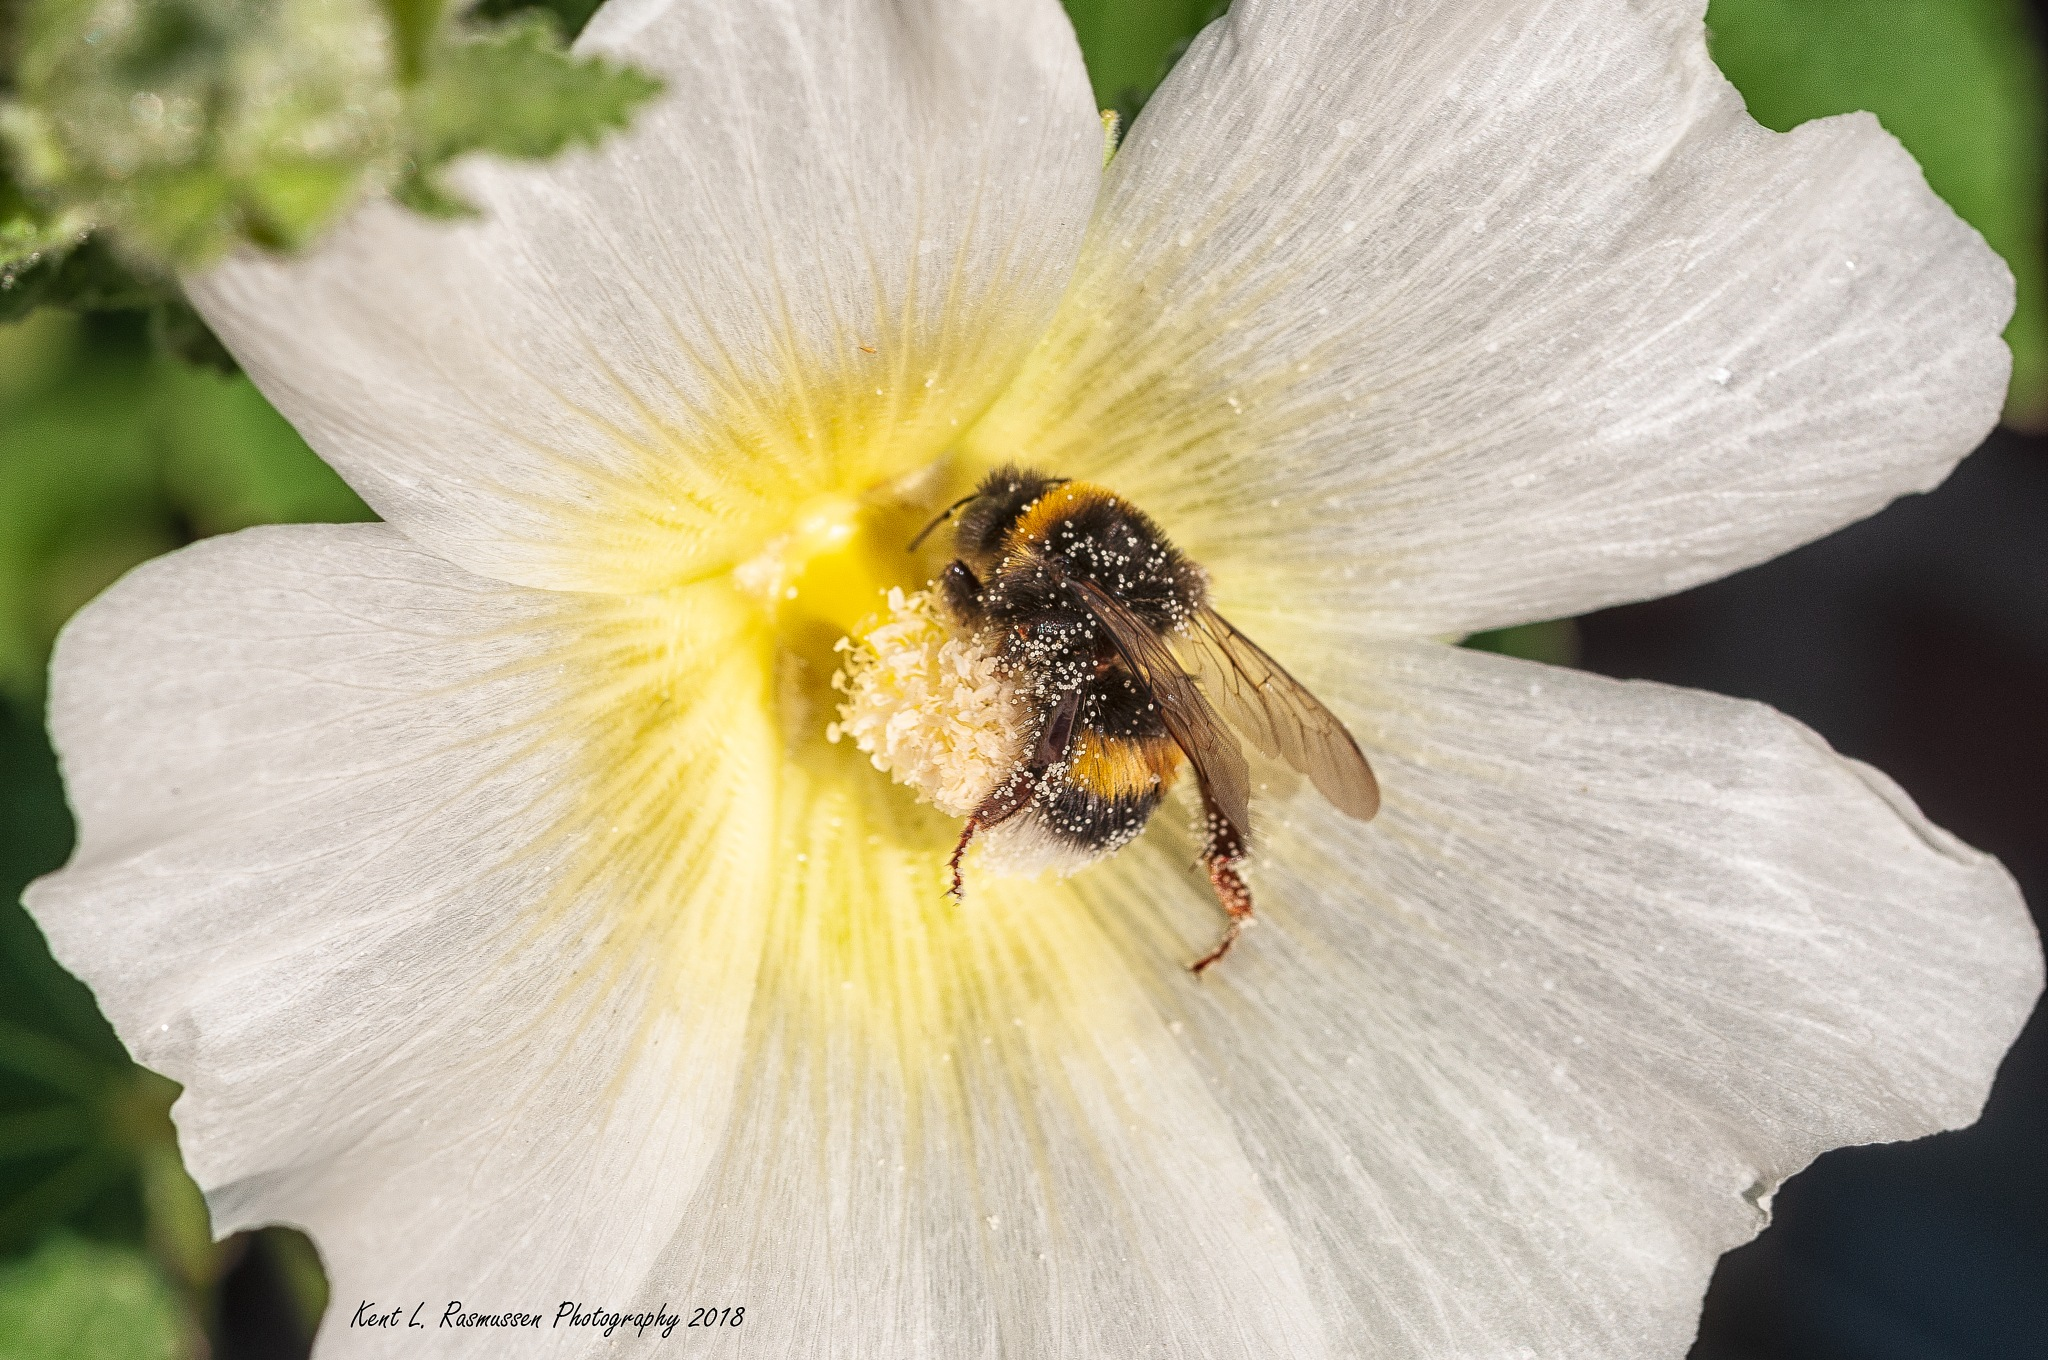 Alcea & bumble bee by Kent L. Rasmussen